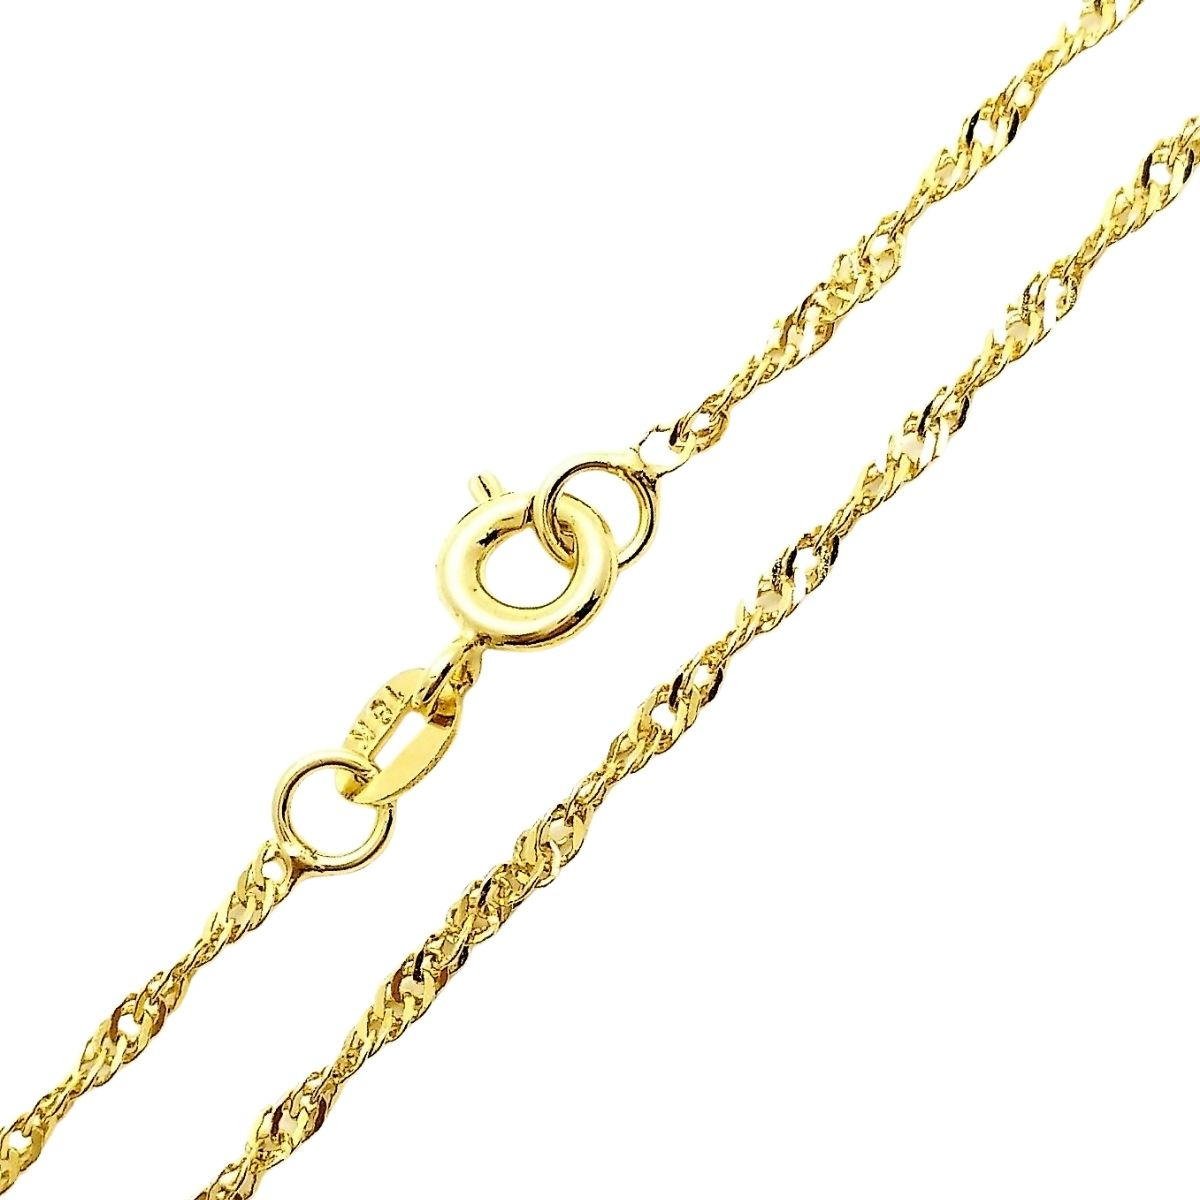 Colar Cordão Singapura 0,25 50cm Banho De Ouro 18k 4772